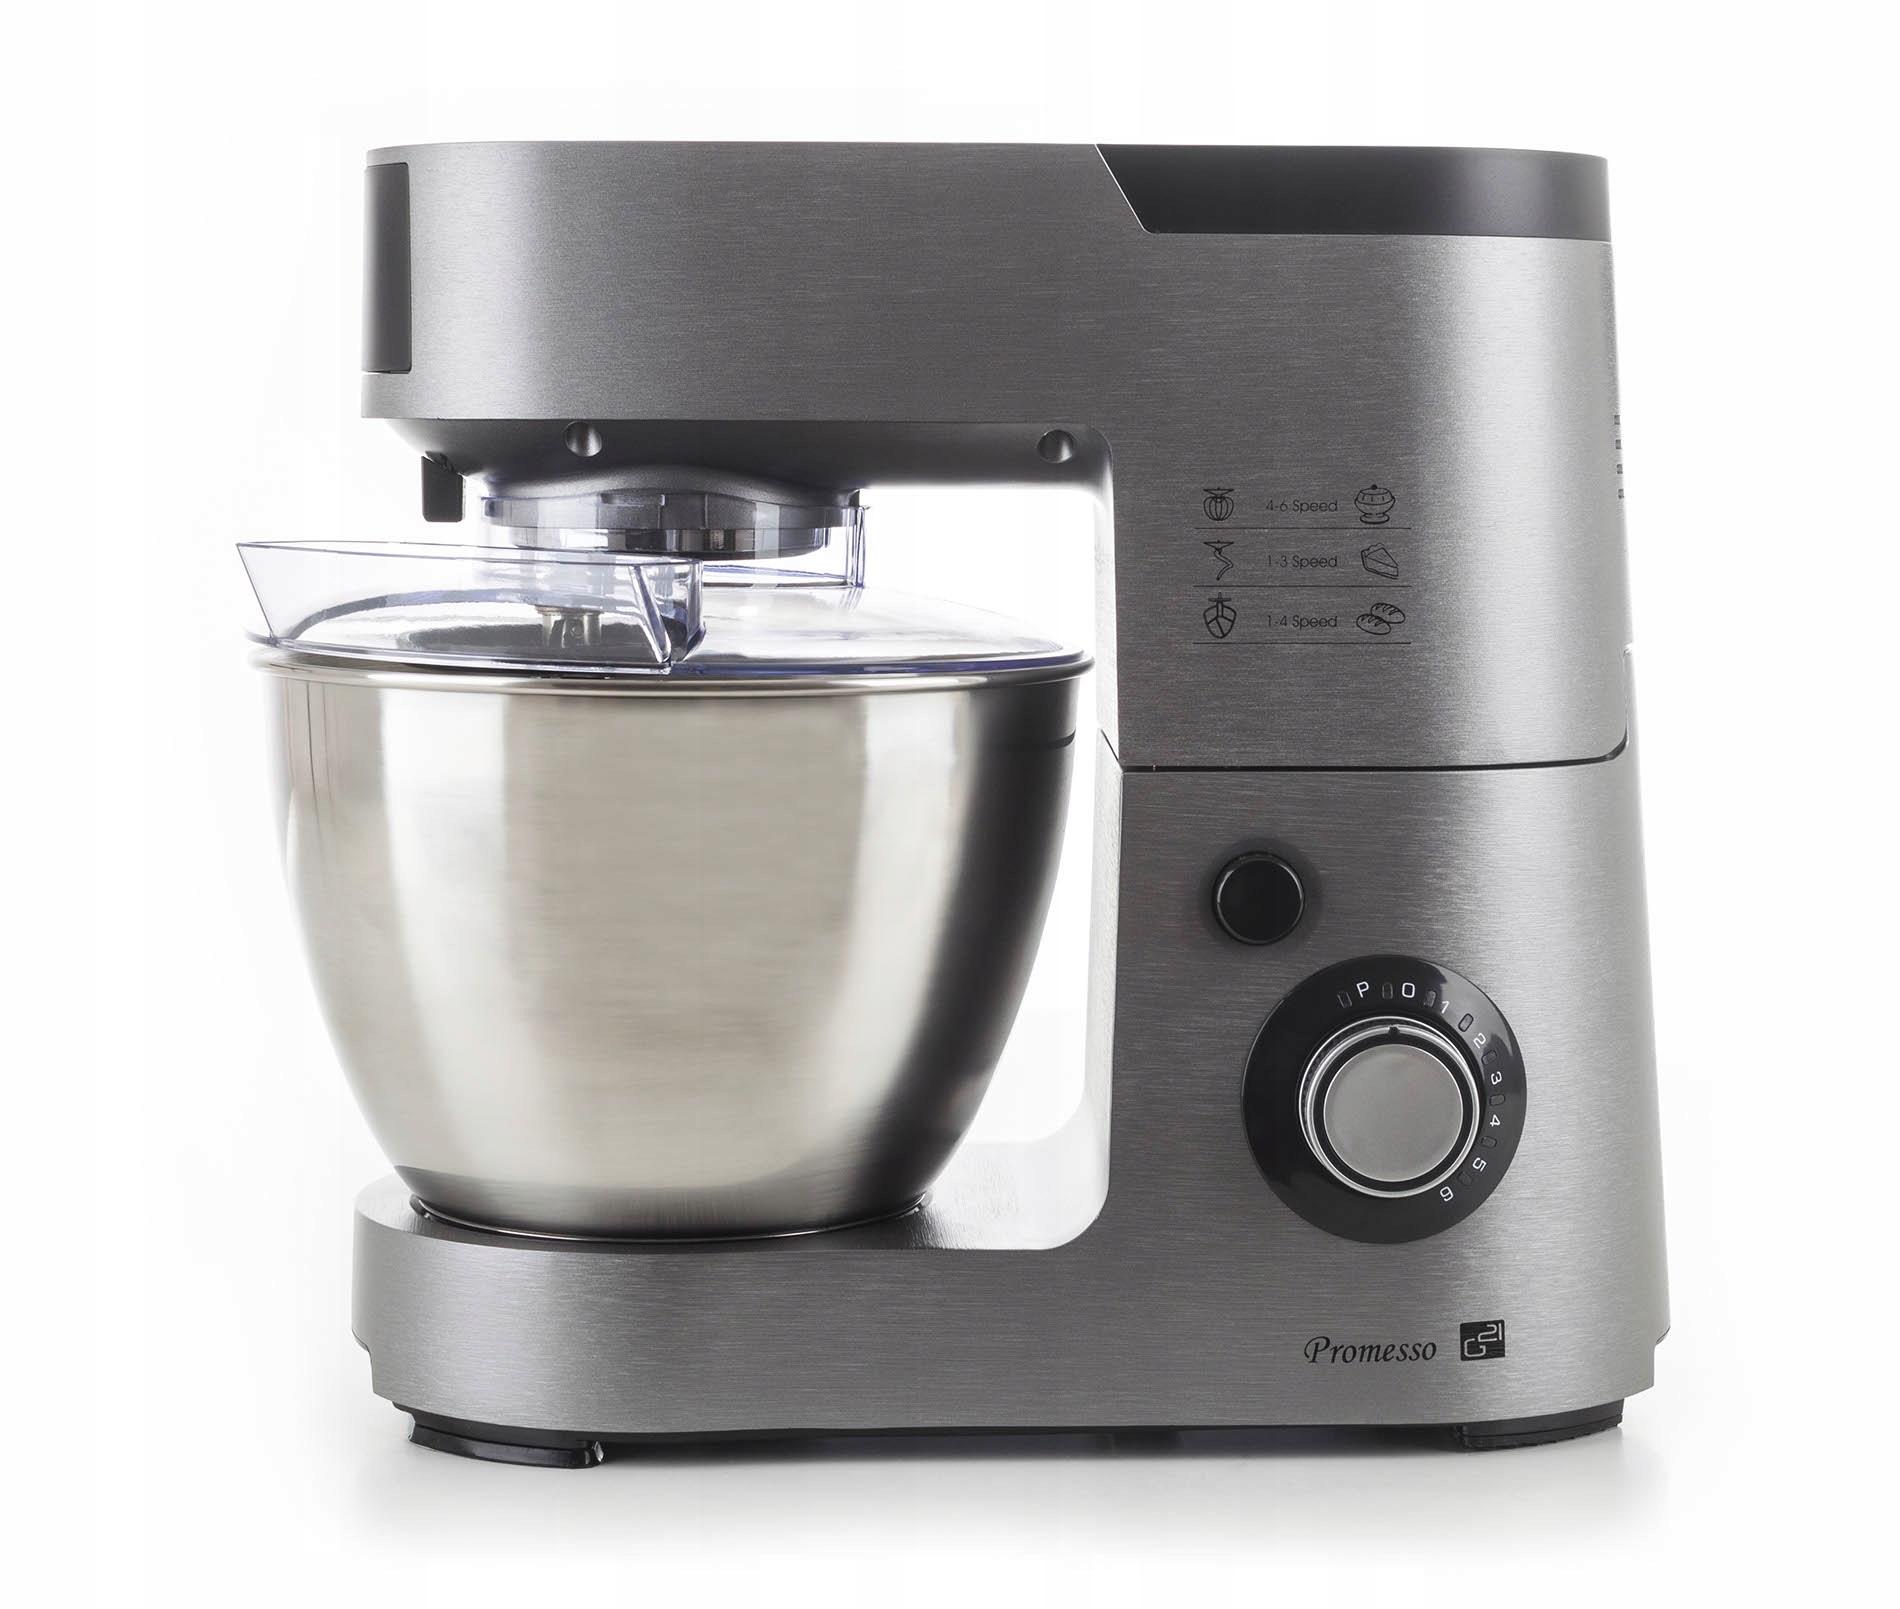 Планетарный кухонный комбайн Функции многофункционального миксера Нарезка, измельчение, перемешивание, перемешивание, измельчение, измельчение, измельчение, взбивание, тёрка, замешивание теста, другое измельчение льда, нарезка